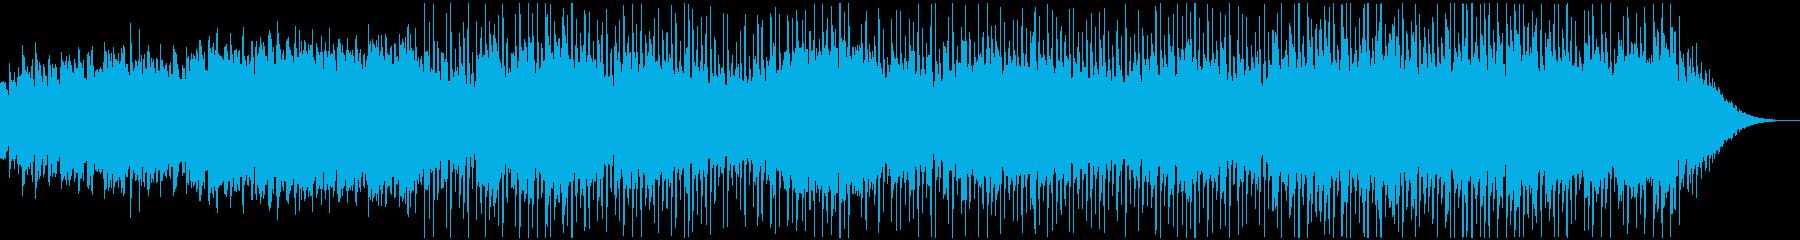 電気研究所夢のようなきらめき。発見...の再生済みの波形